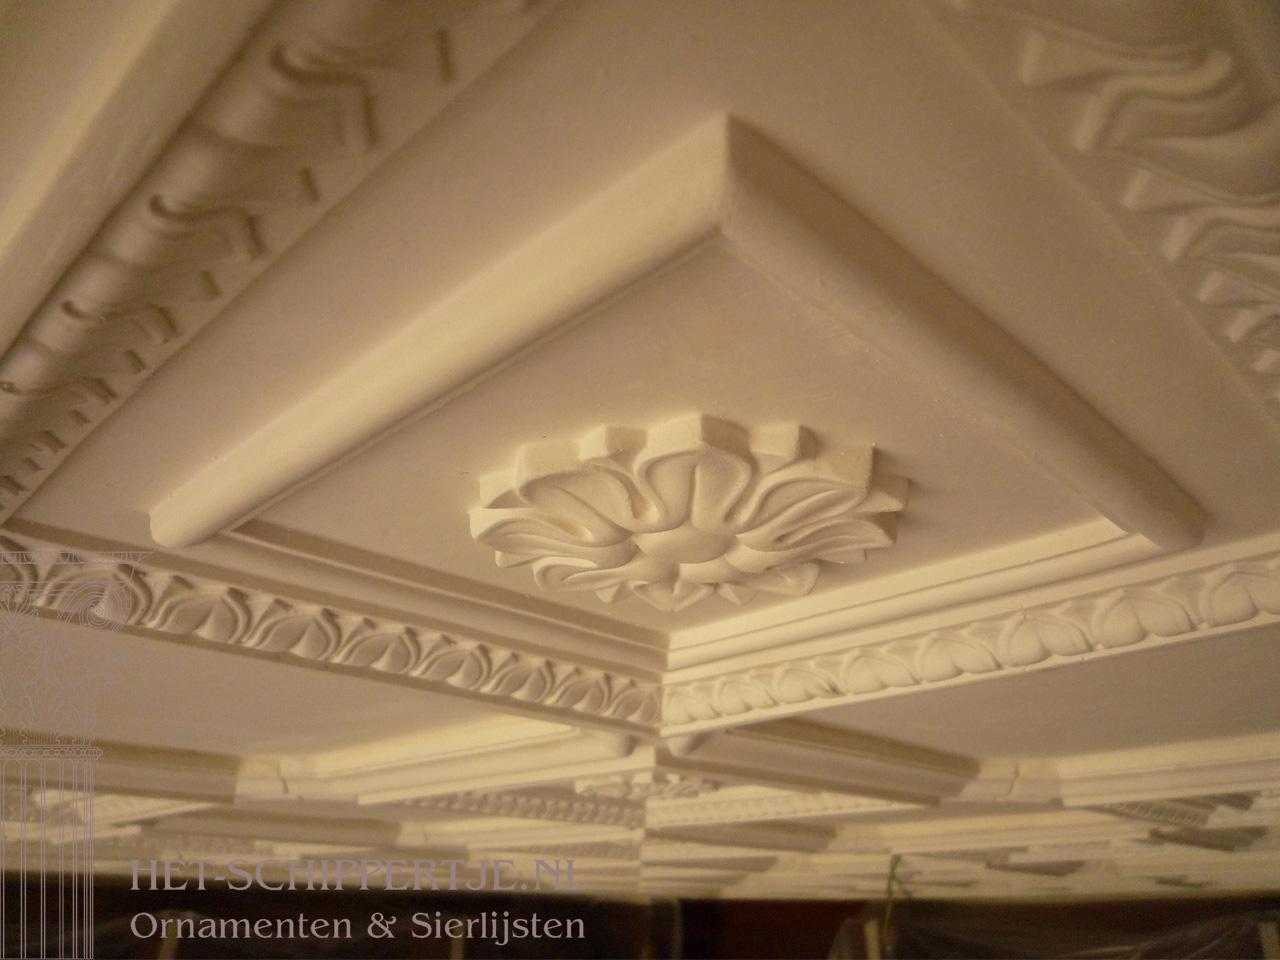 plafonddecoratie landhuis heerde